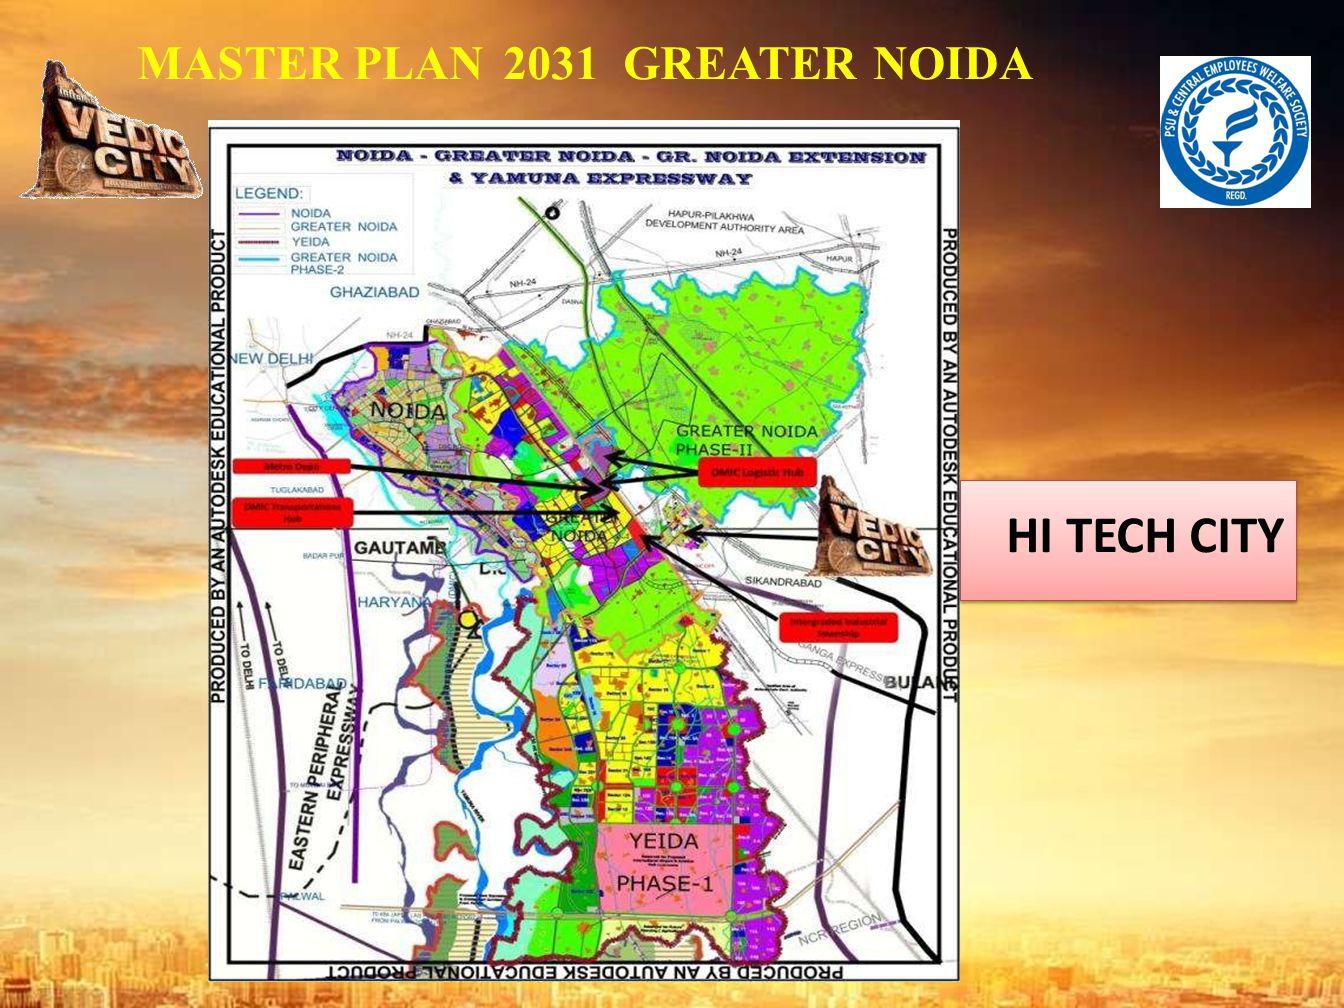 MASTER PLAN 2031 GREATER NOIDA